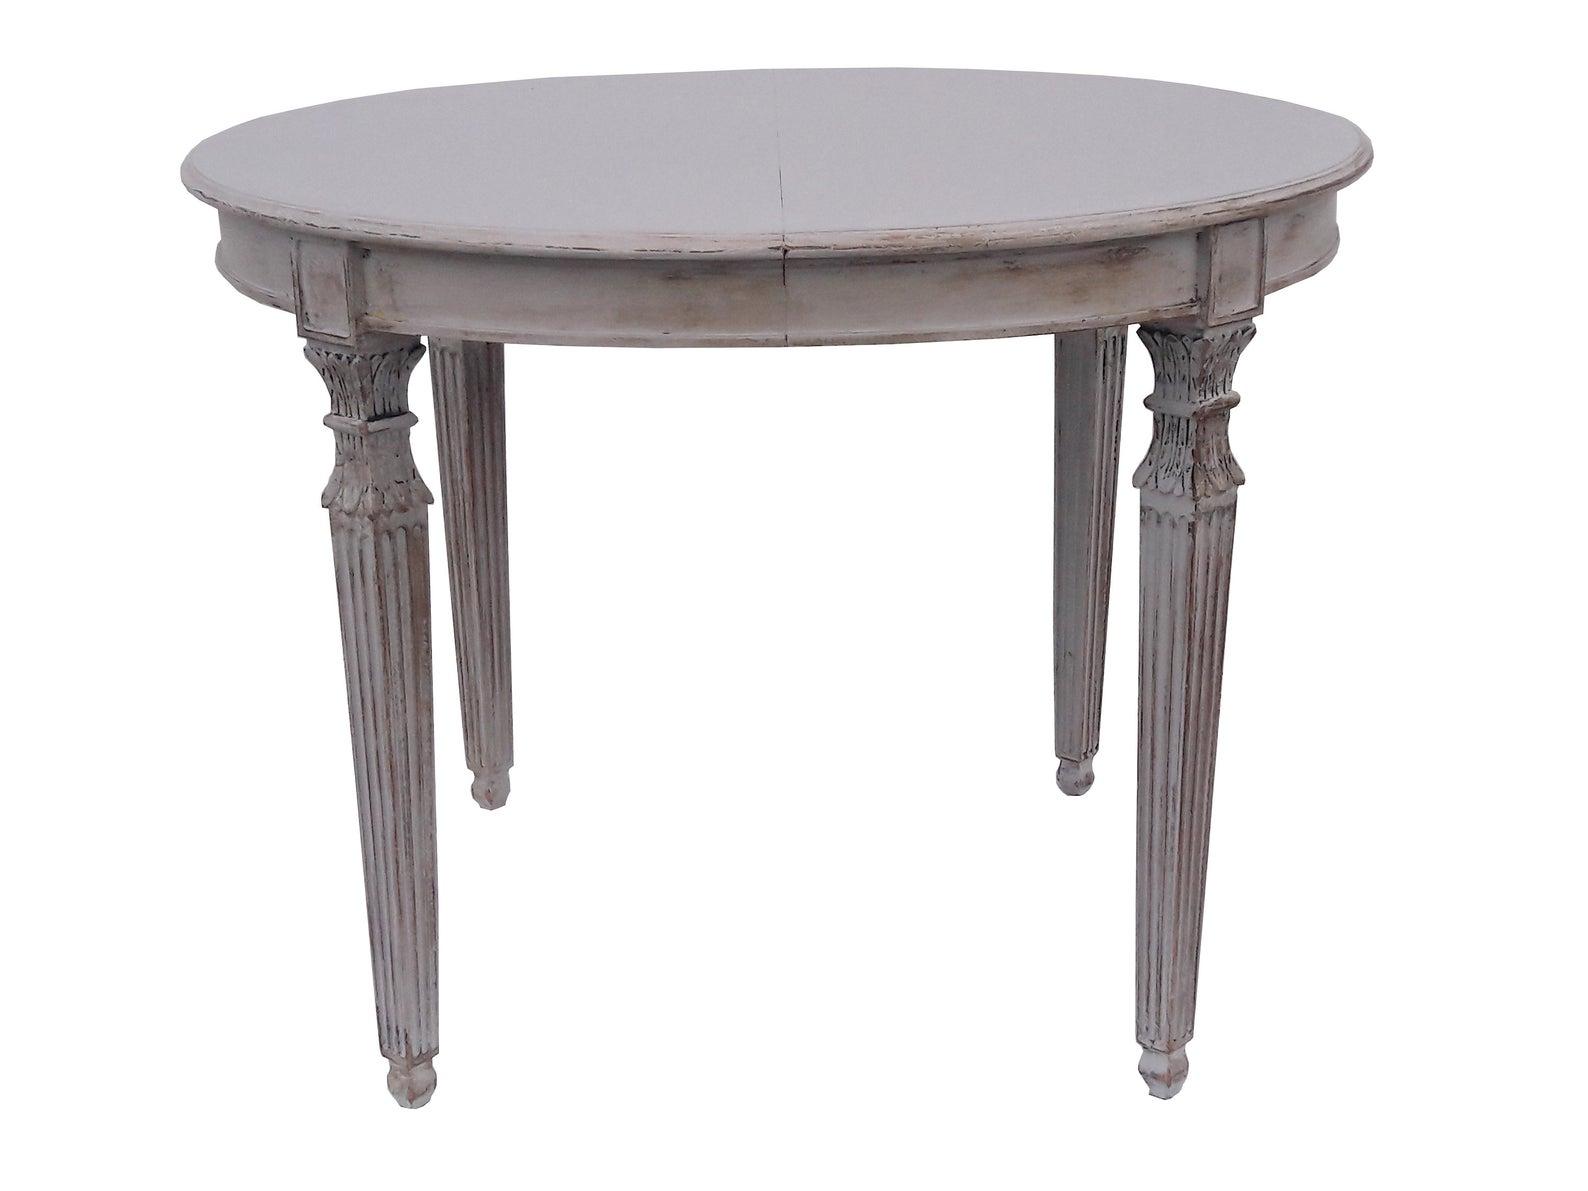 dining table_13_etsy.jpg